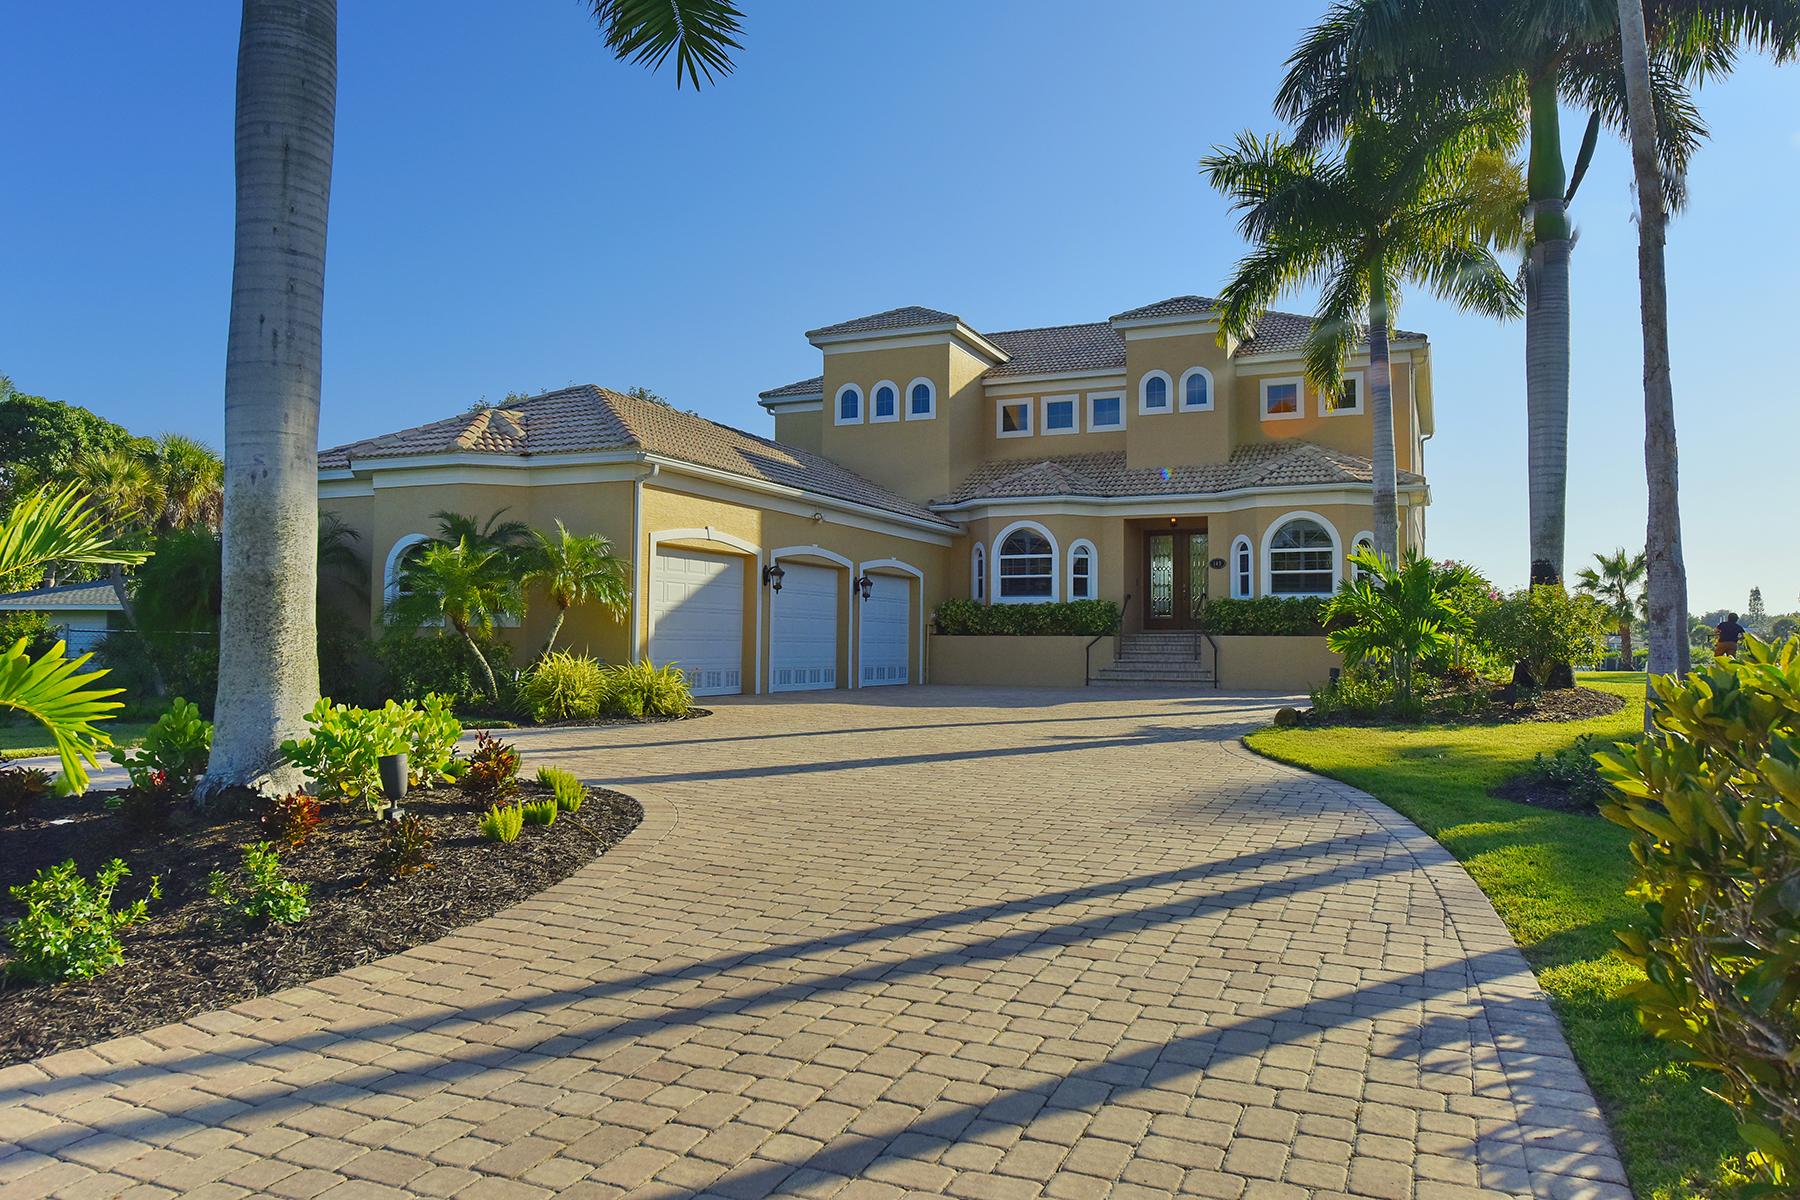 단독 가정 주택 용 매매 에 TOWNS-END SHORES 145 Shoreland Dr Osprey, 플로리다, 34229 미국